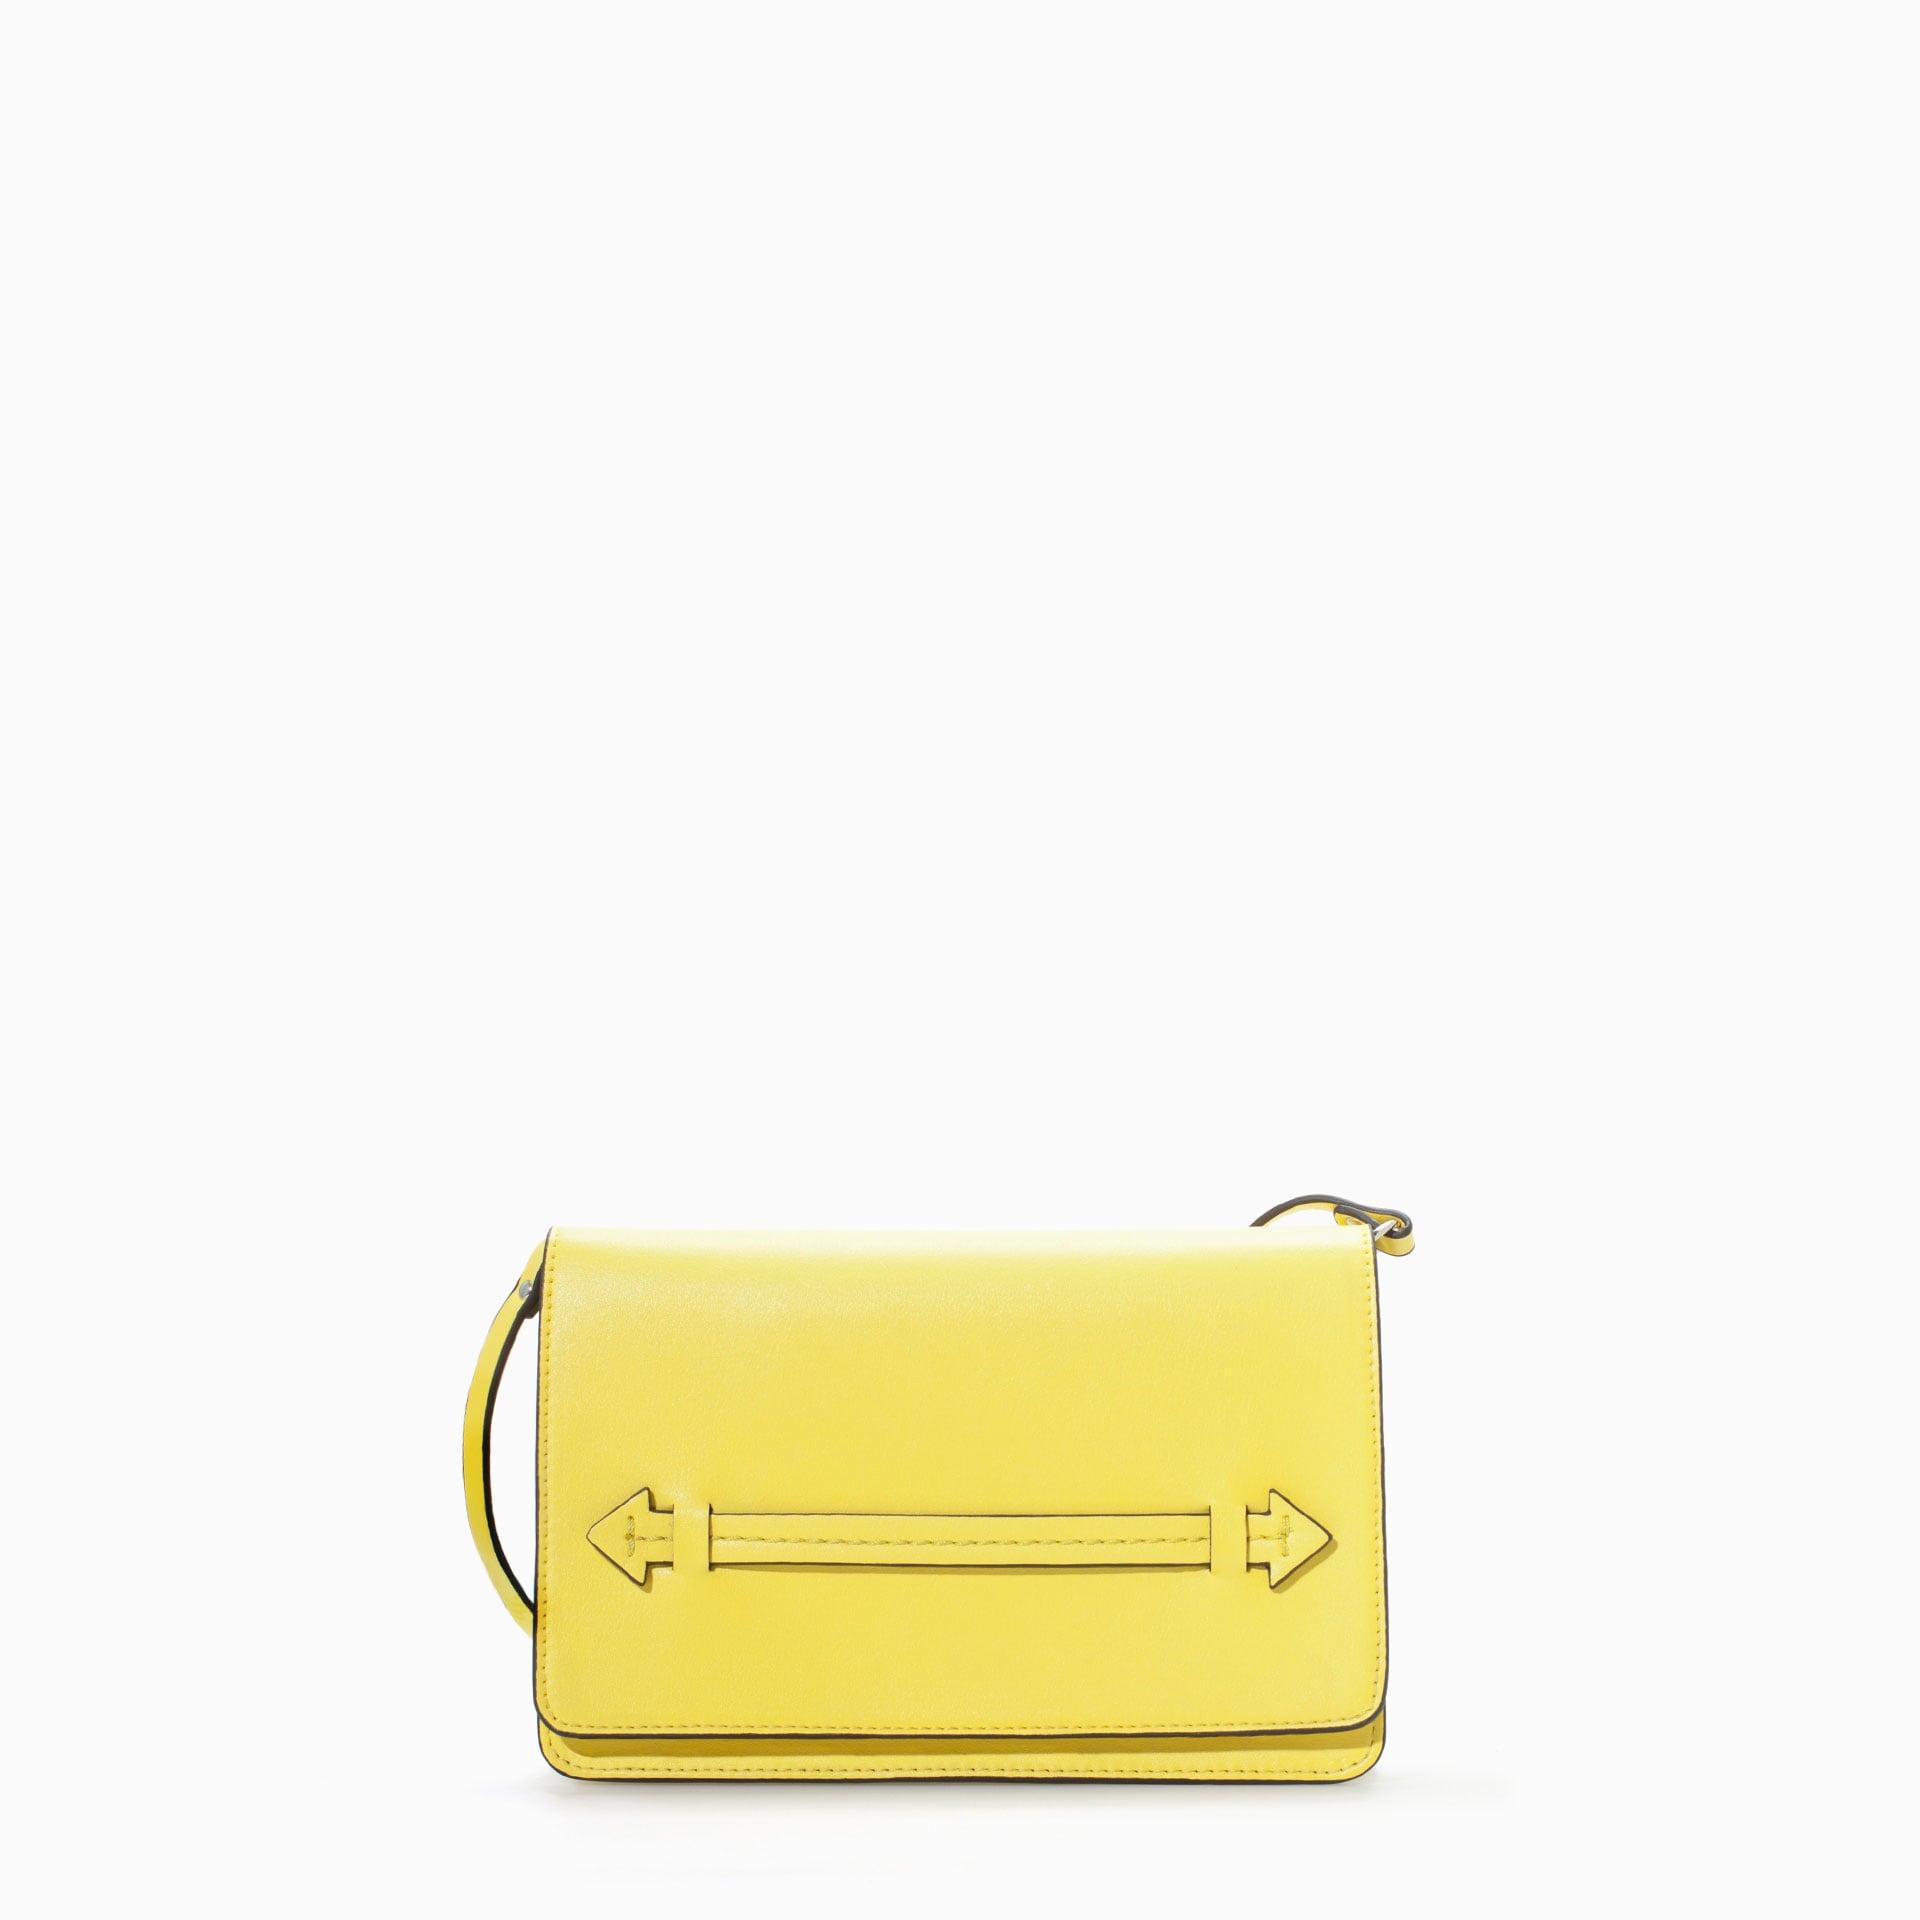 Zara Yellow Clutch